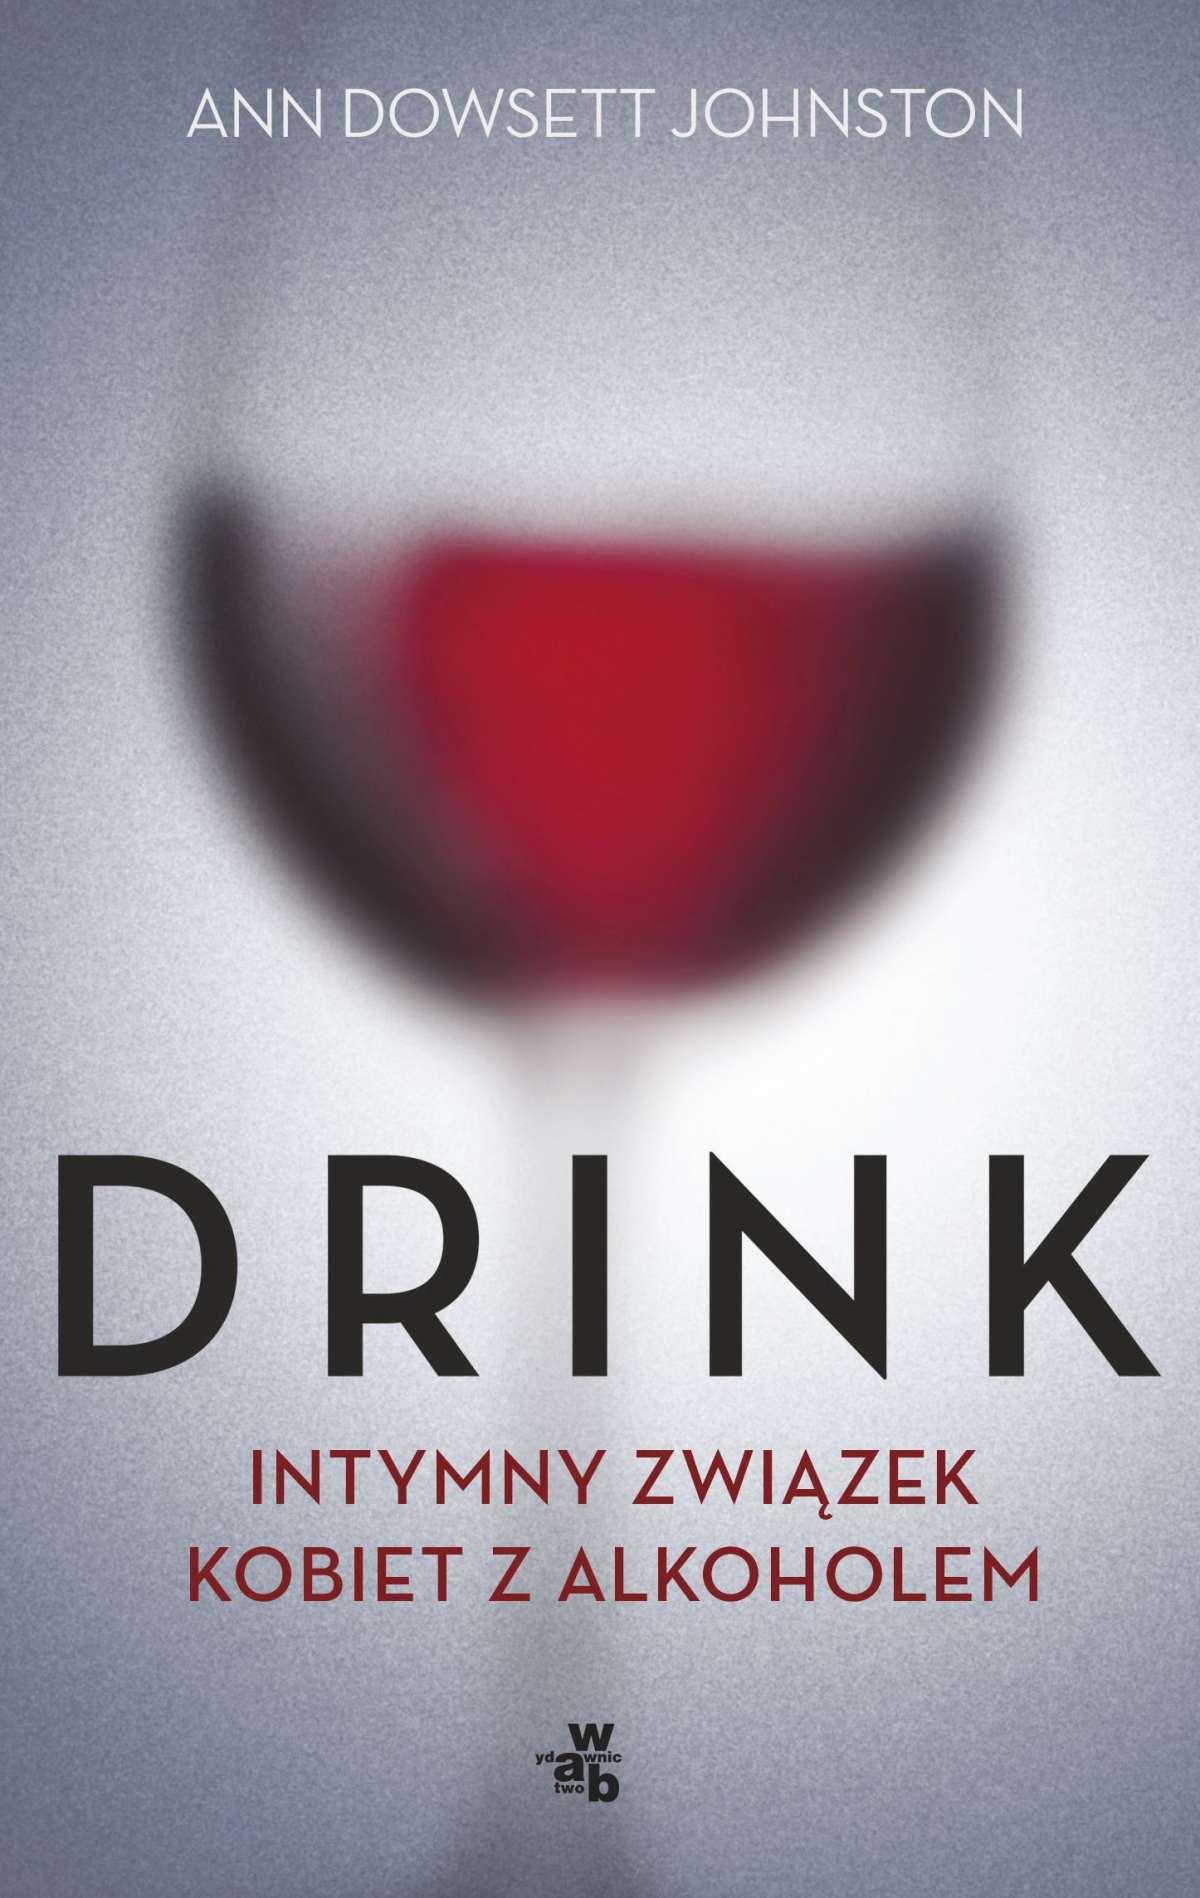 Drink. Intymny romans kobiet z alkoholem - Ebook (Książka EPUB) do pobrania w formacie EPUB